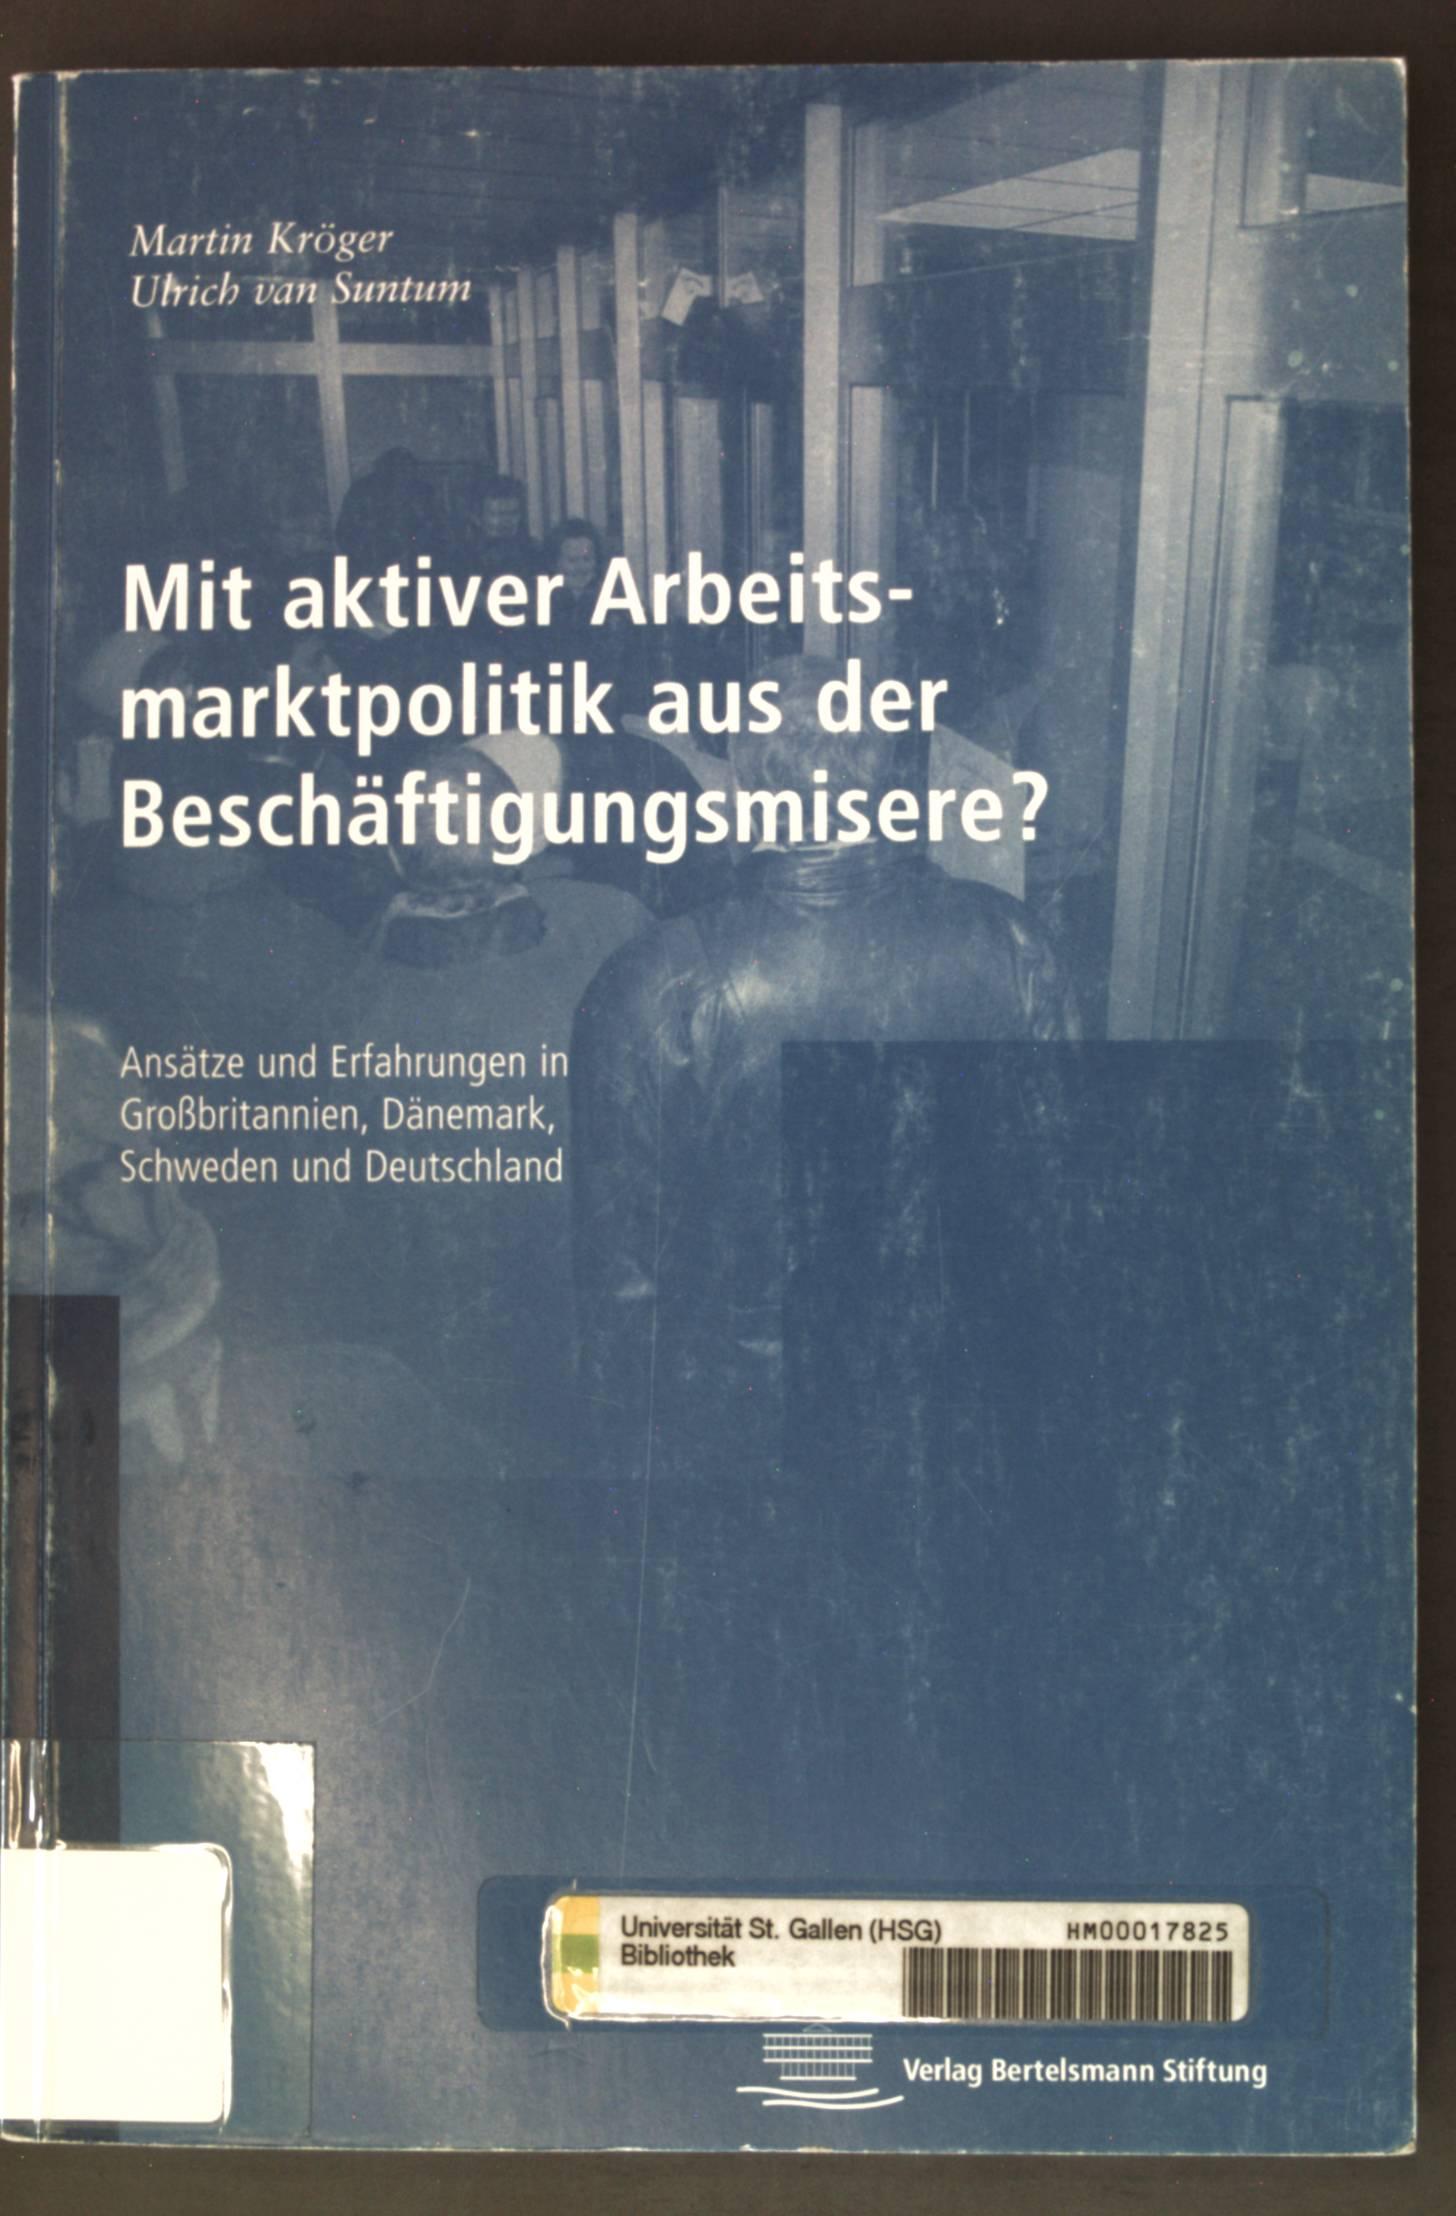 Mit aktiver Arbeitsmarktpolitik aus der Beschäftigungsmisere? Ansätze: Kröger, Martin und